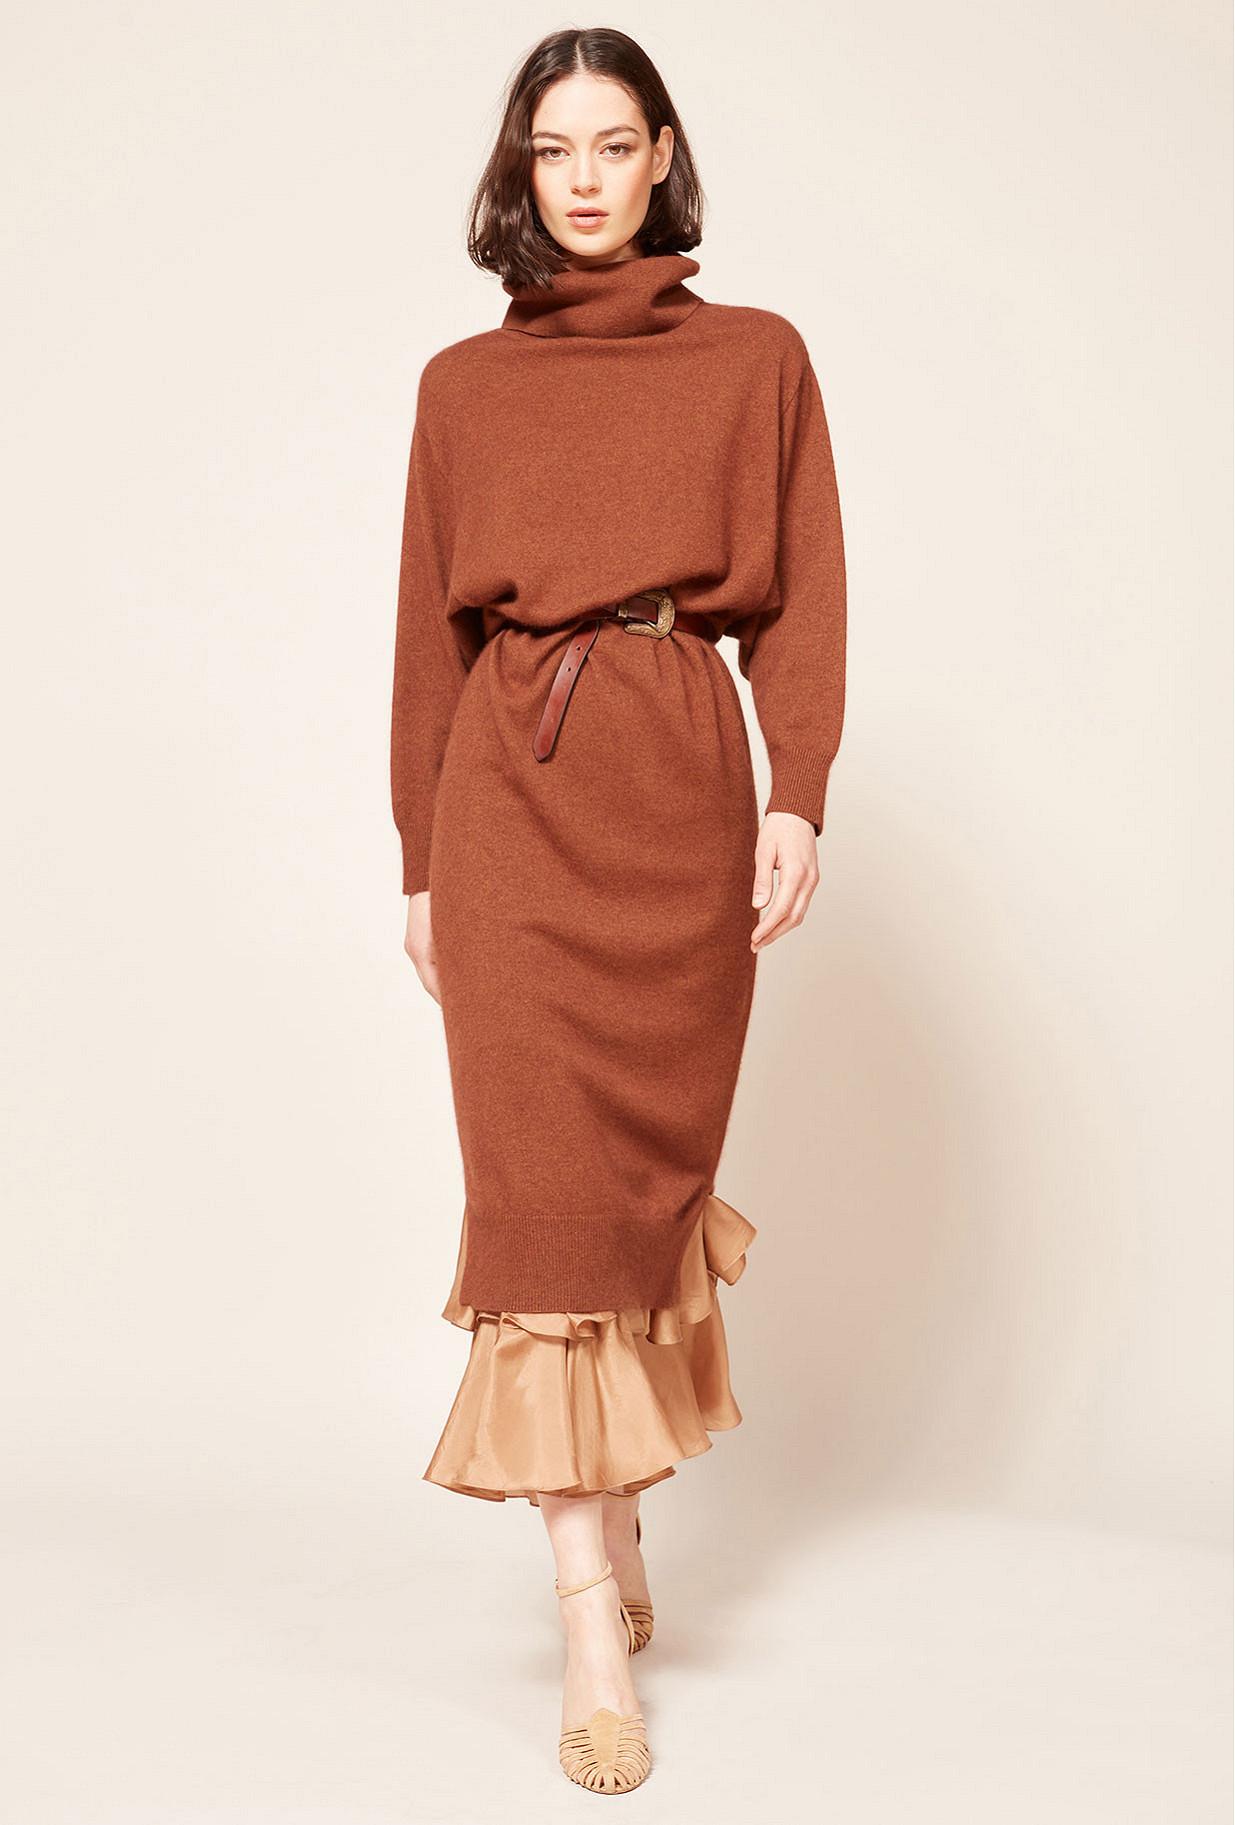 Paris clothes store Dress  Calabria french designer fashion Paris